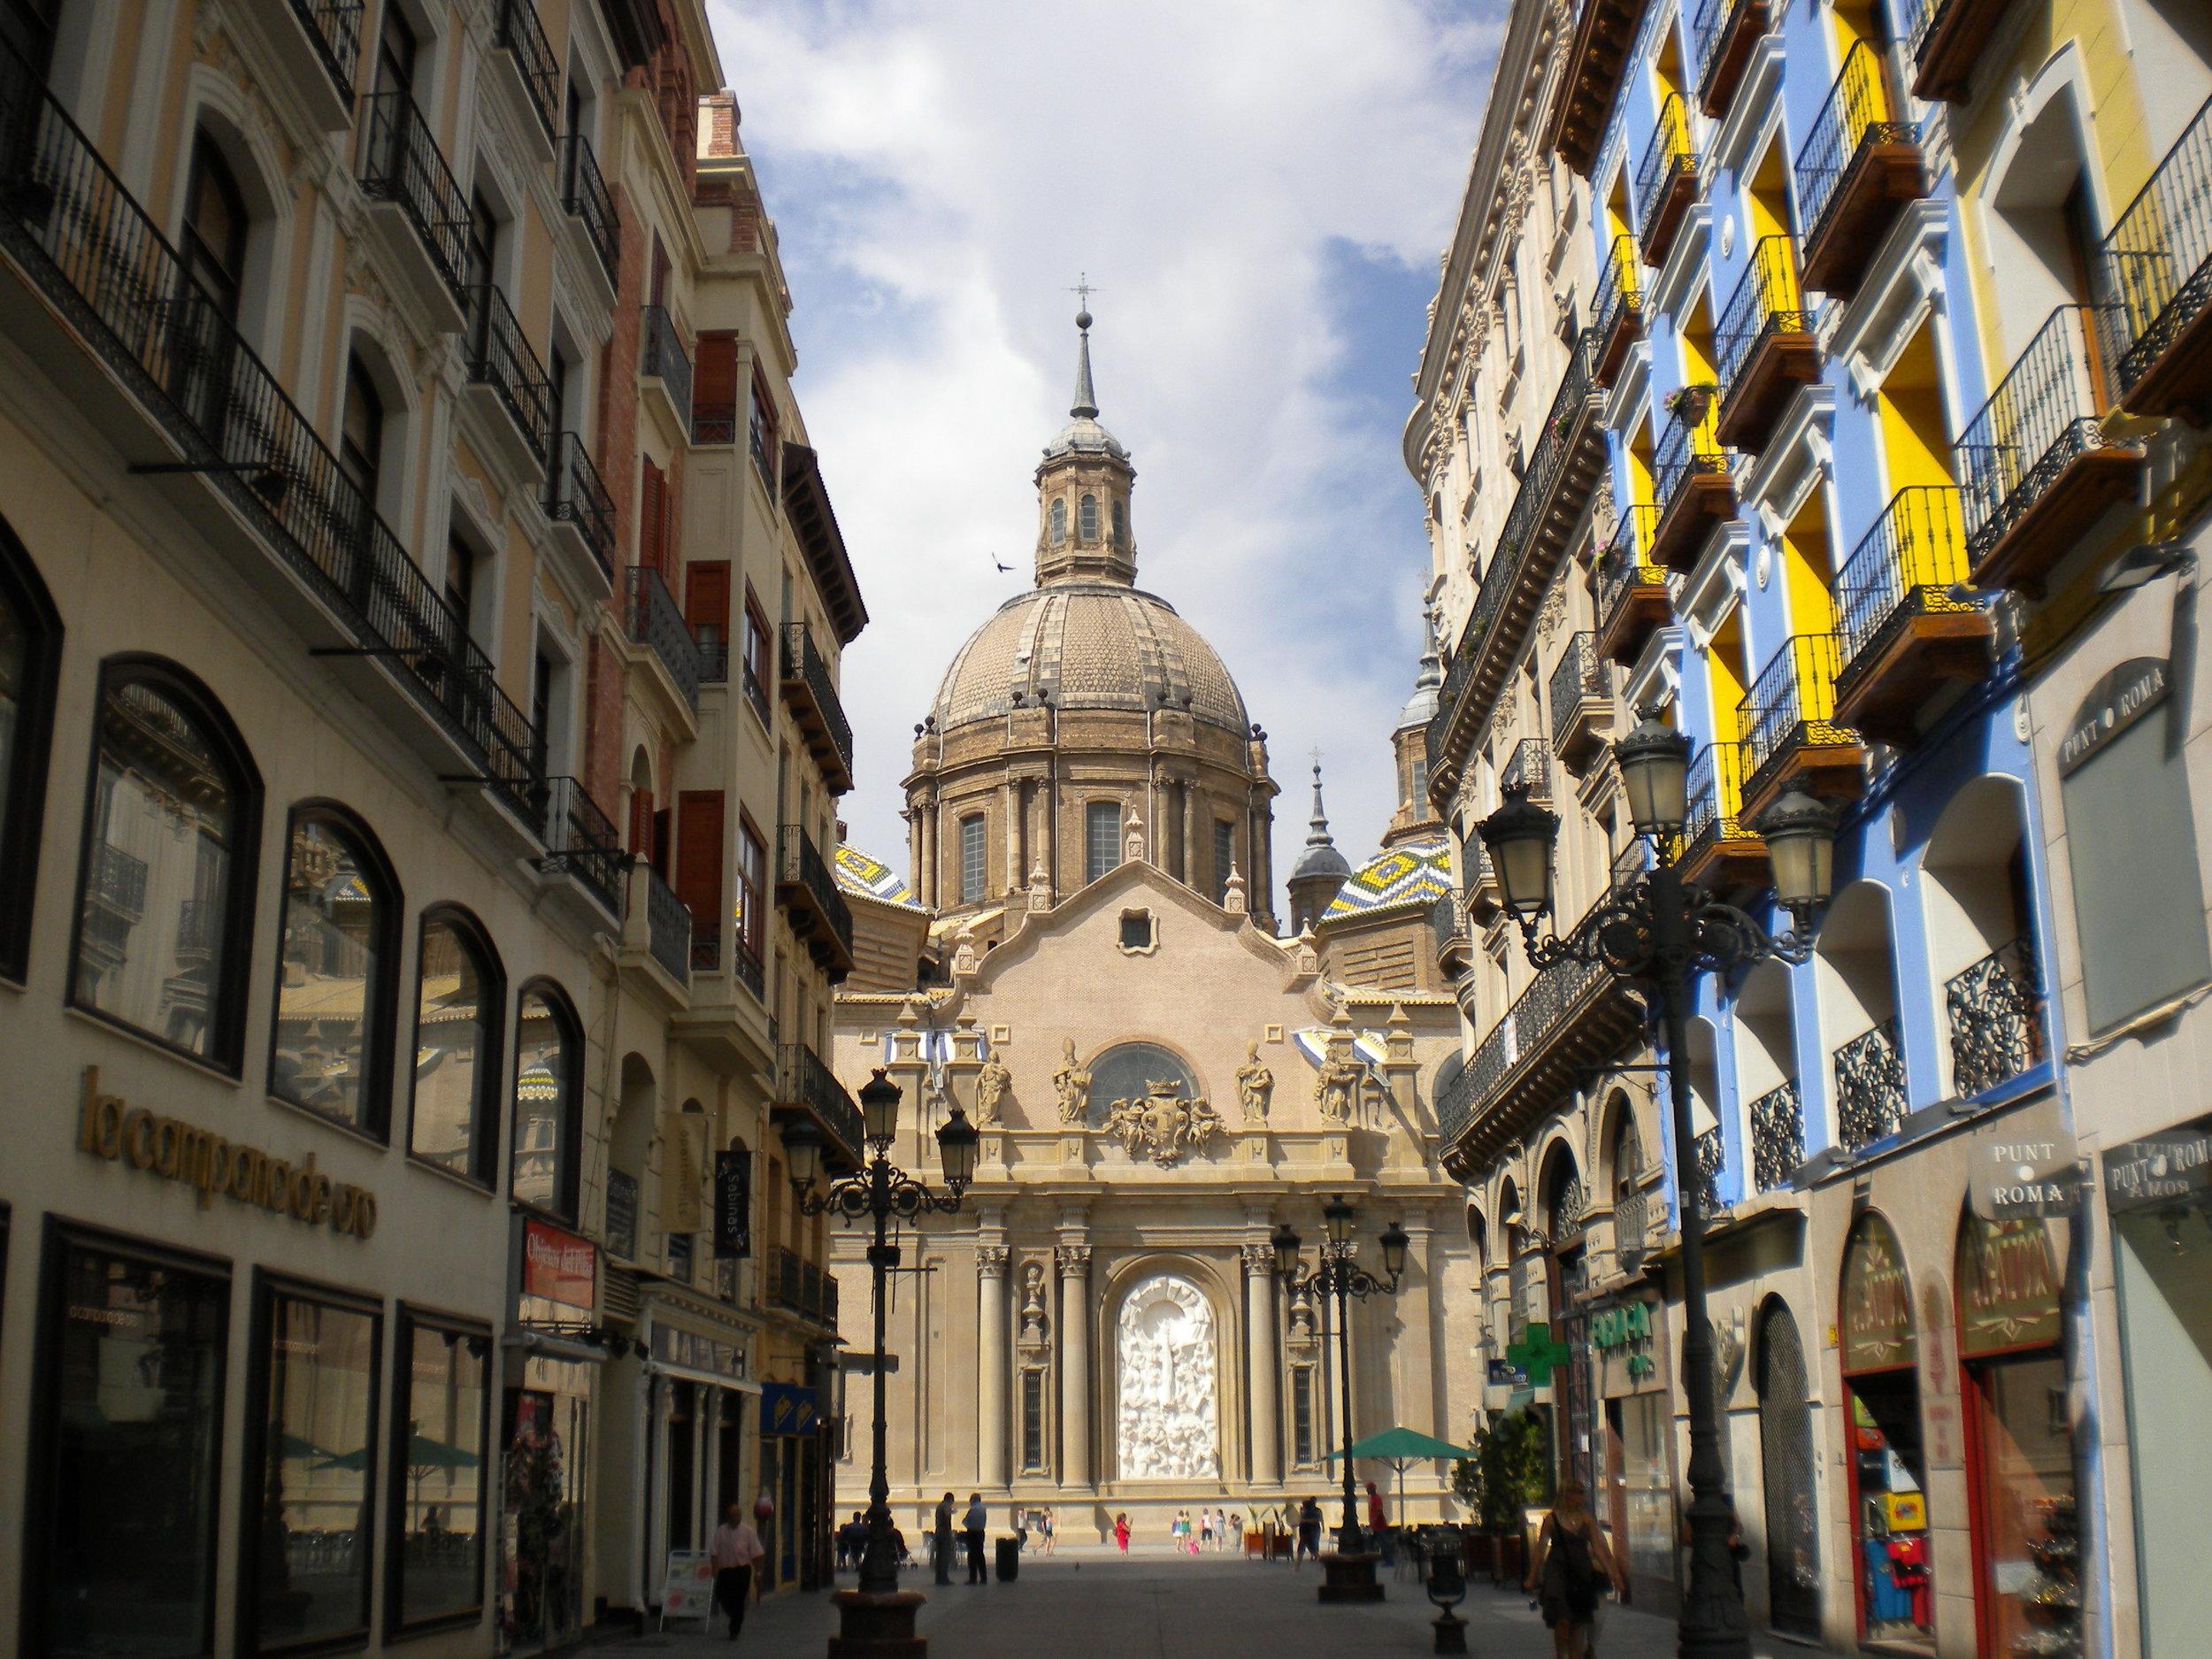 Basílica de Nuestra Señora del Pilar, Zaragoza